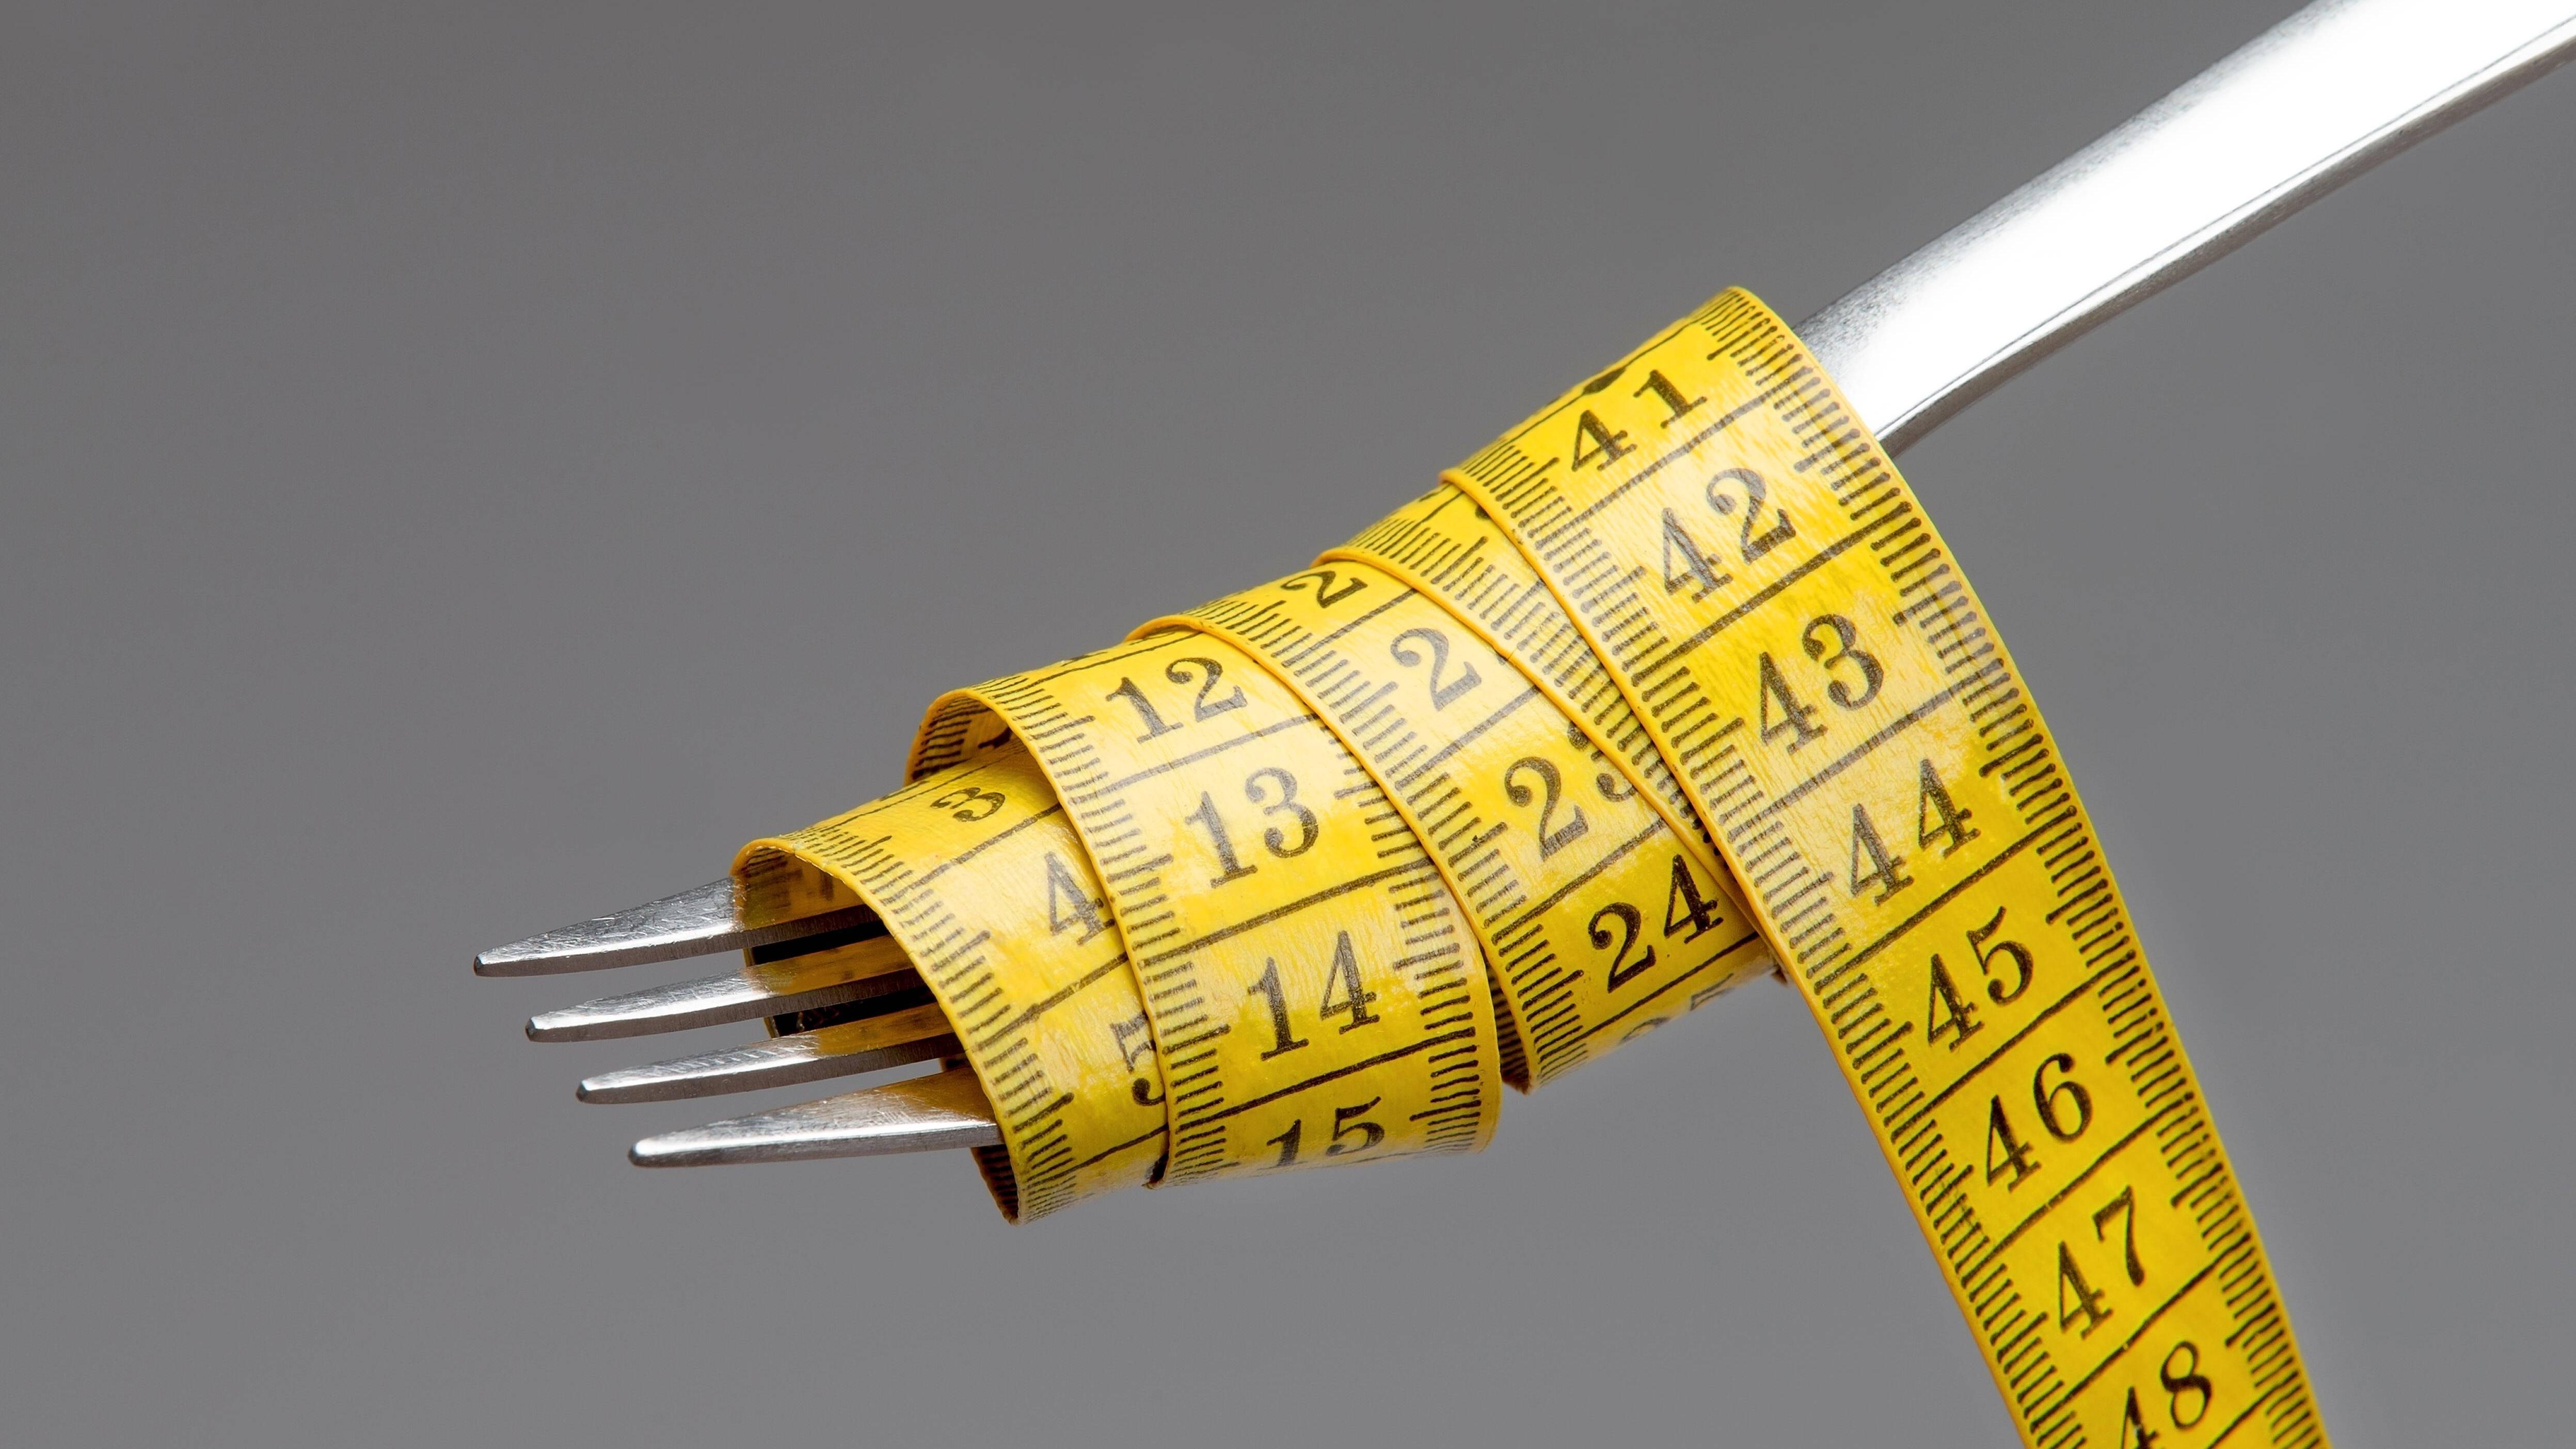 Spätfolgen von Magersucht: Das sollten Sie darüber wissen